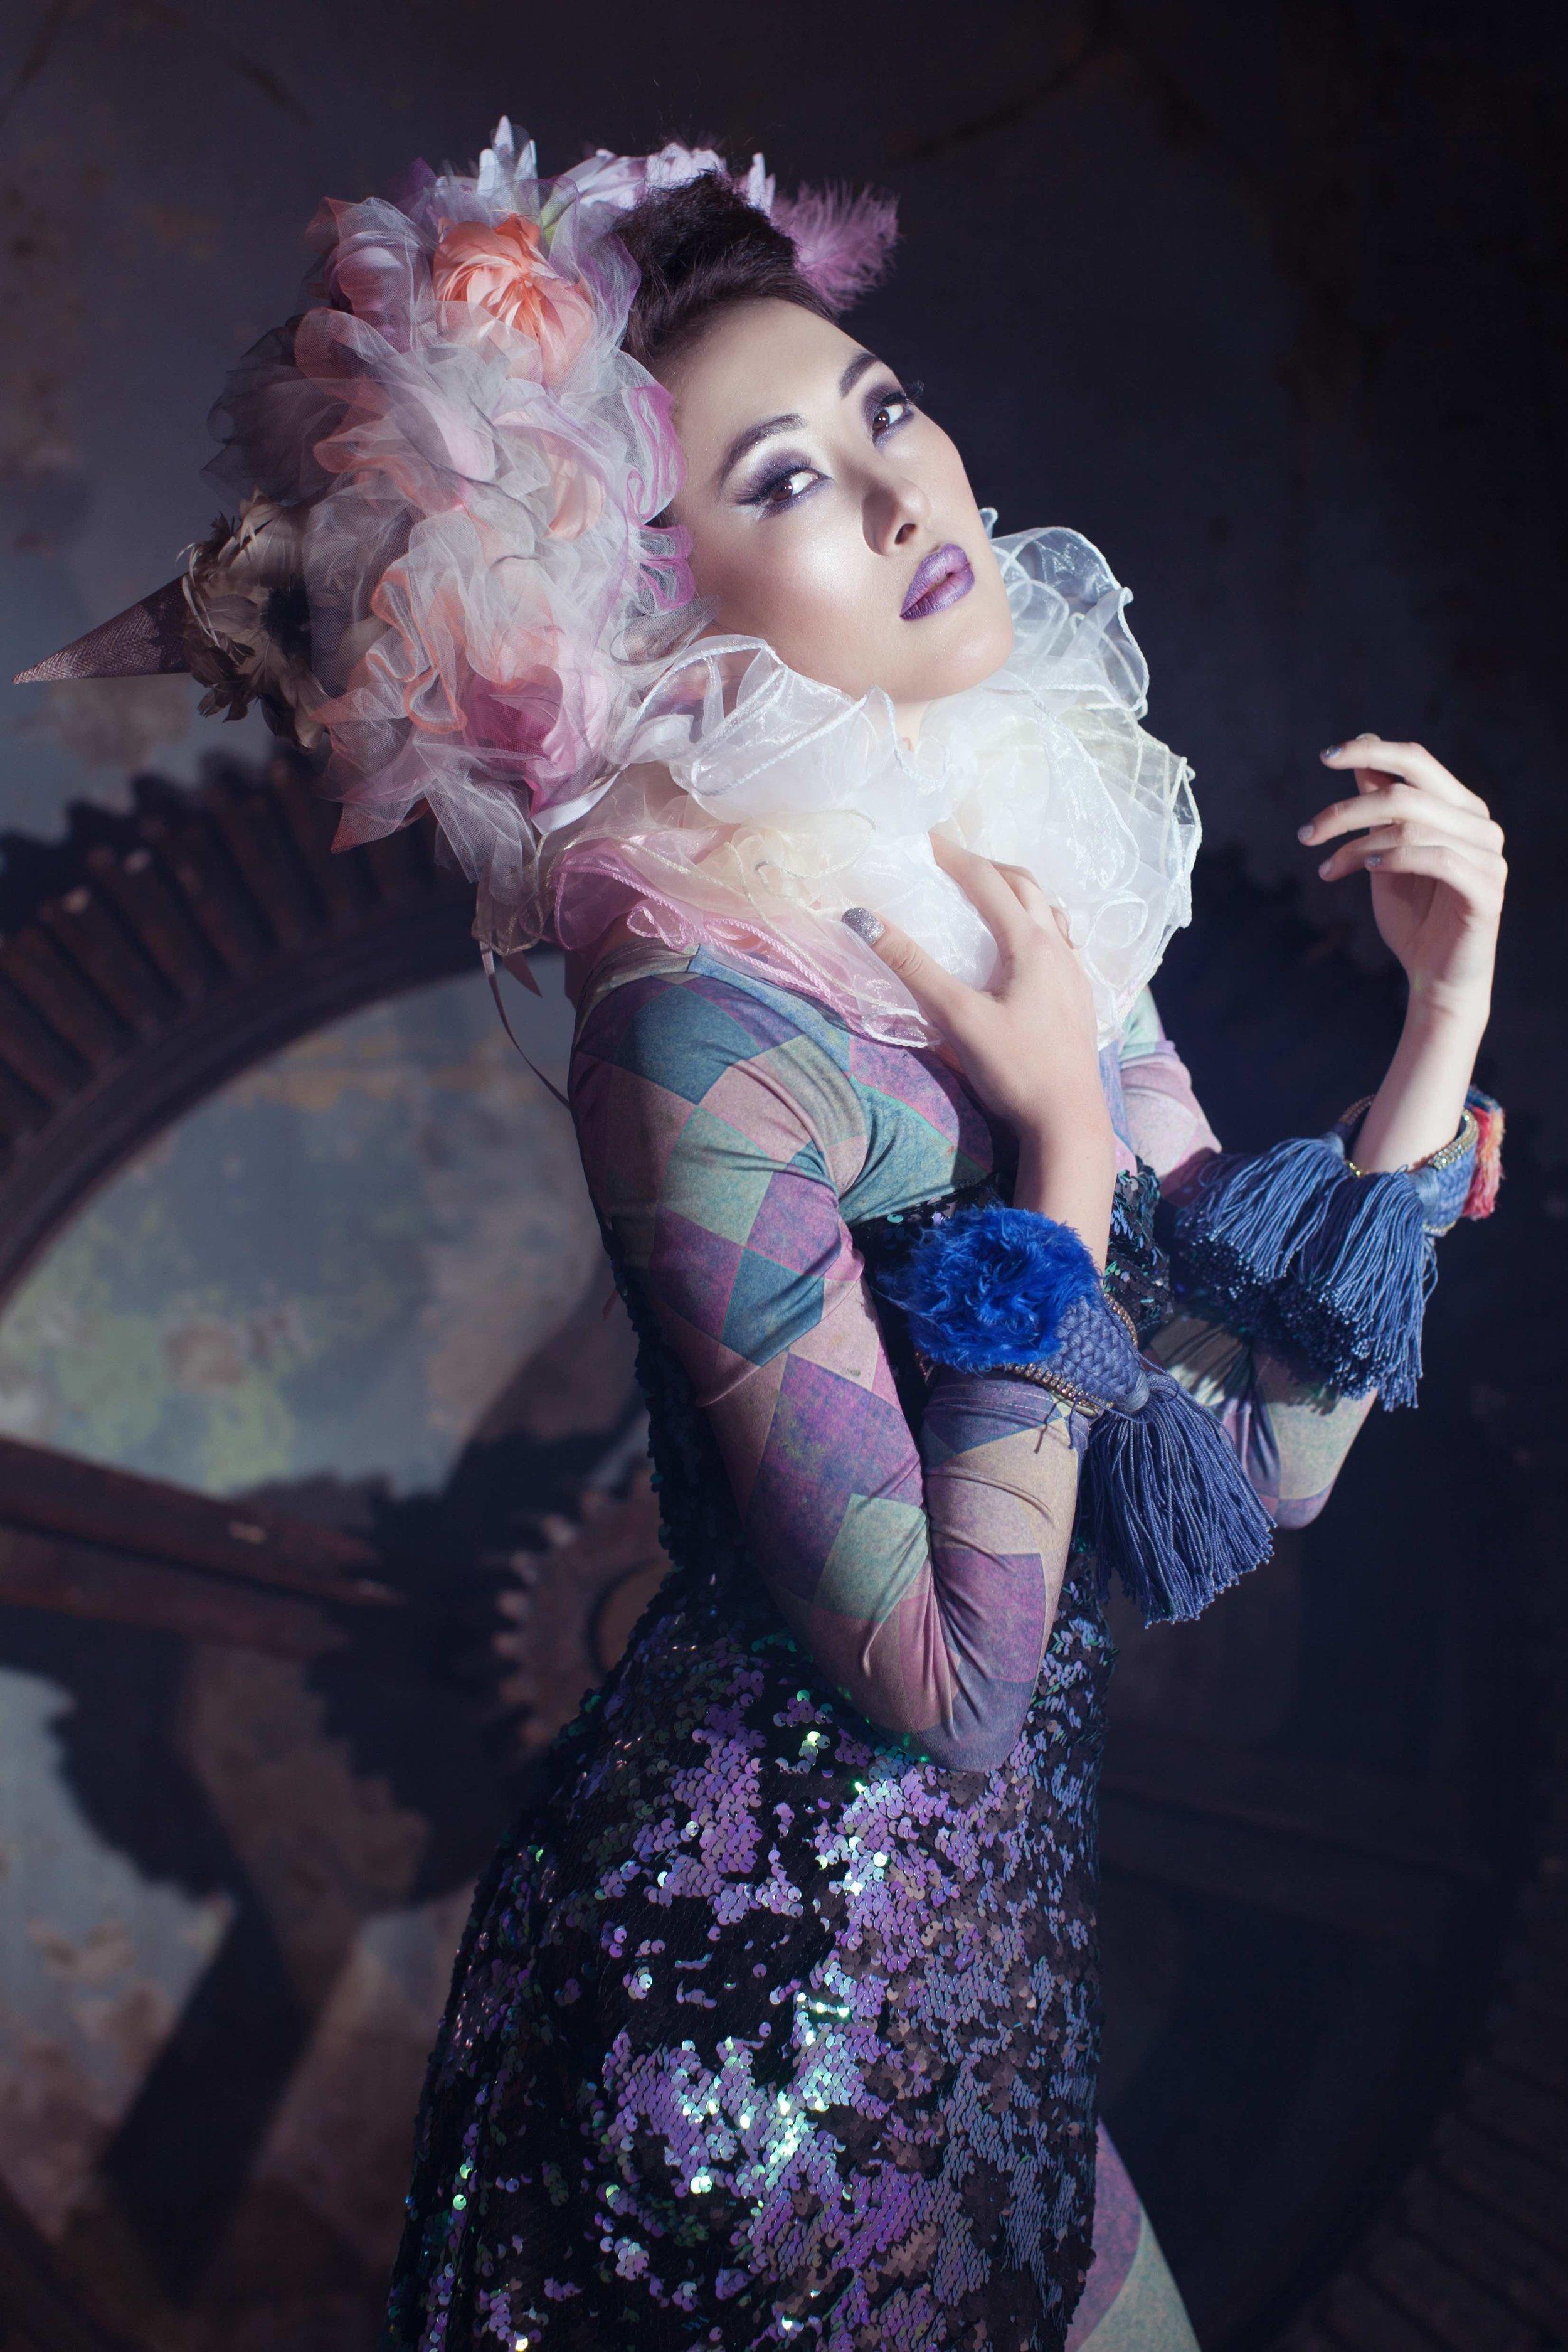 Circus Headpiece in Elegant Magazine